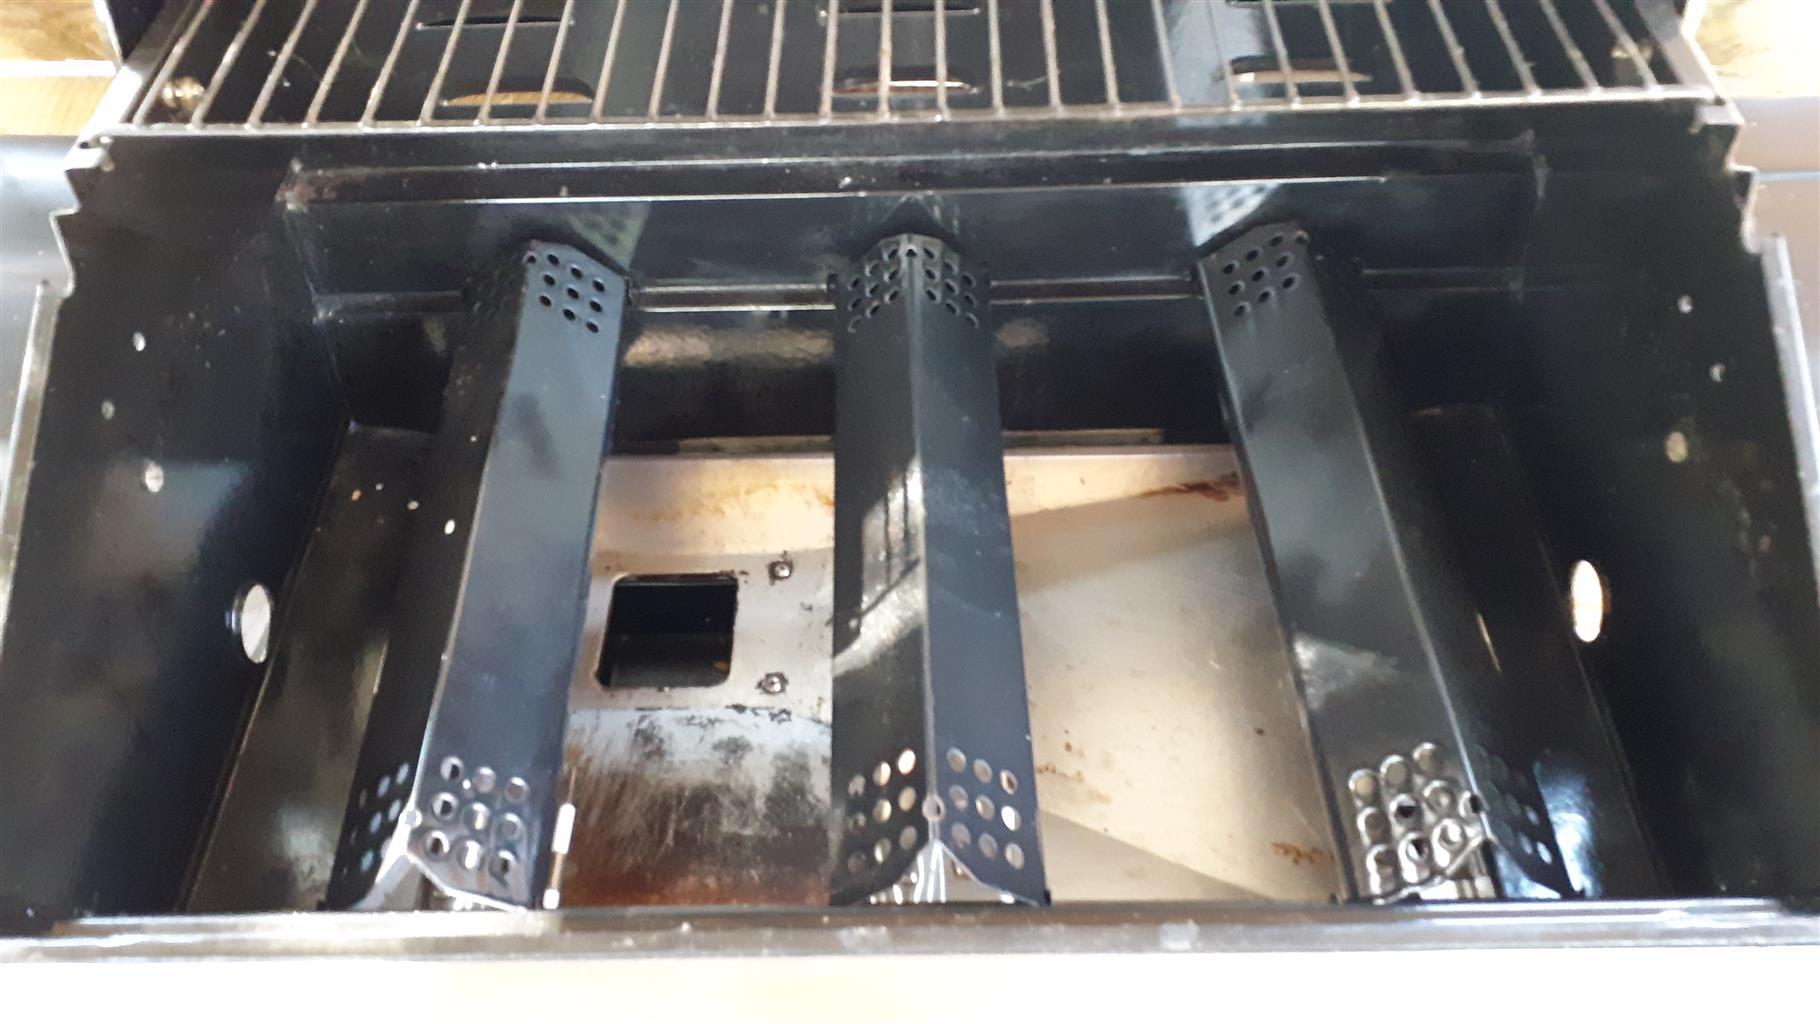 Megamaster blaze 400 patio braai